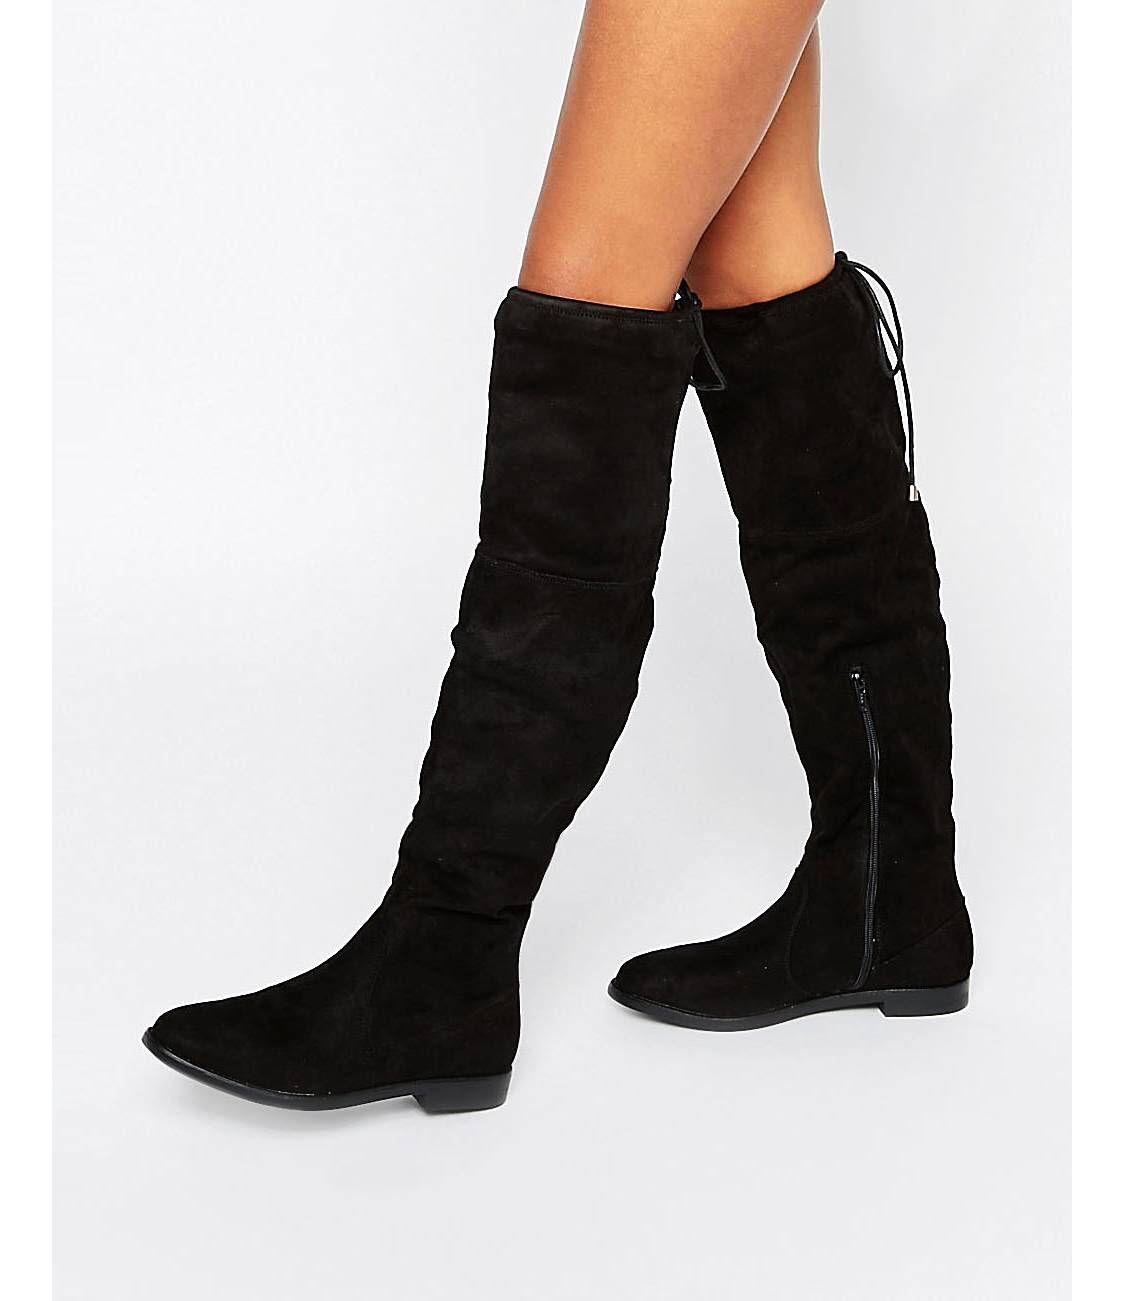 MEGA-Teile von ASOS! | Schwarze stiefel flach, Overknee ...